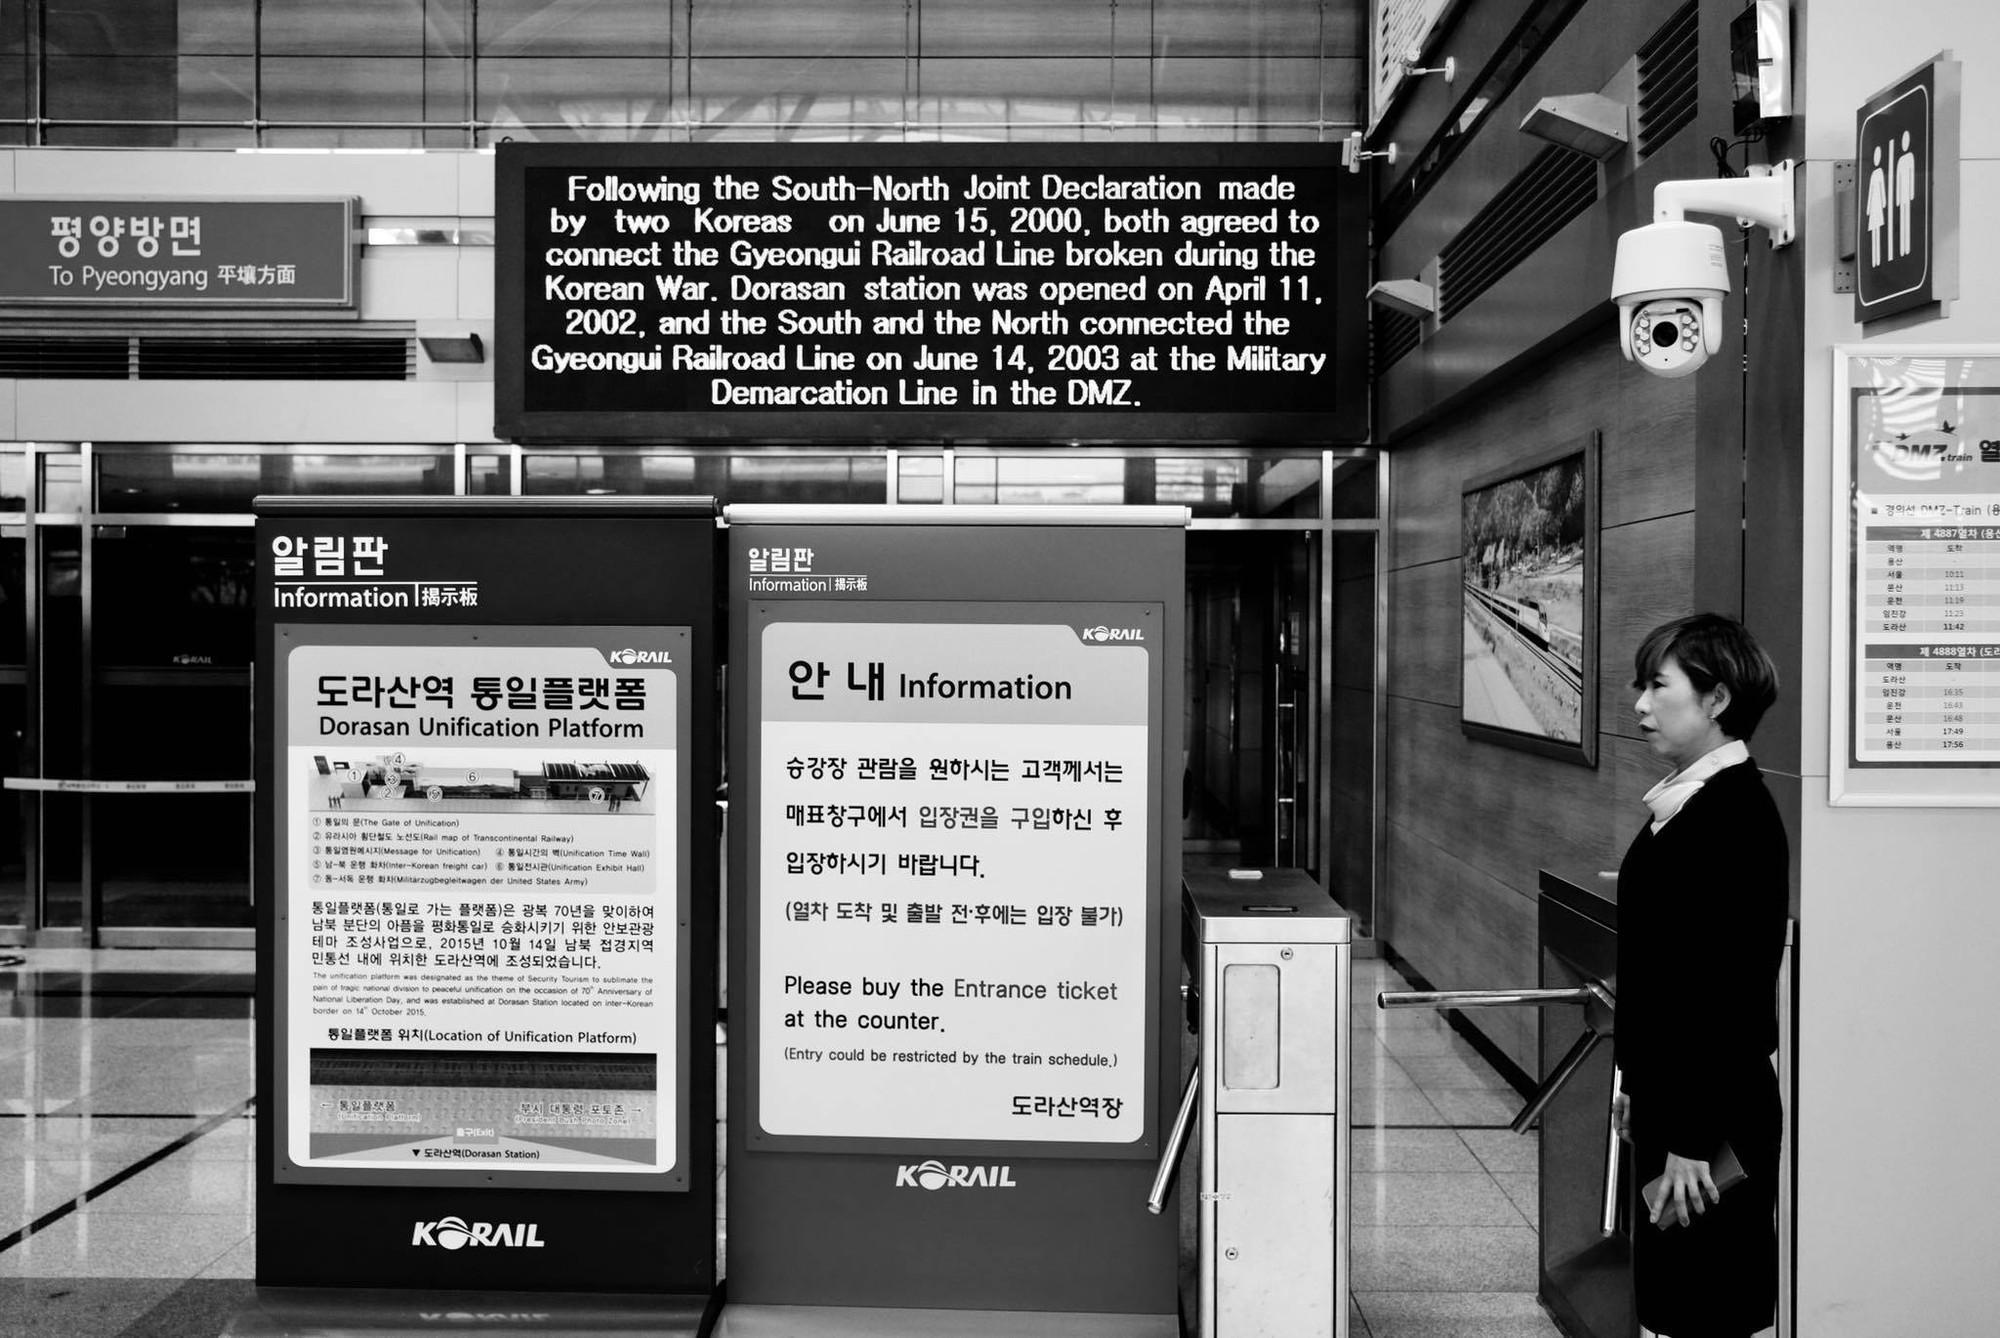 [PHOTO ESSAY] Thù địch và hy vọng ở DMZ liên Triều nhìn từ hai phía qua ống kính người Việt - Ảnh 20.